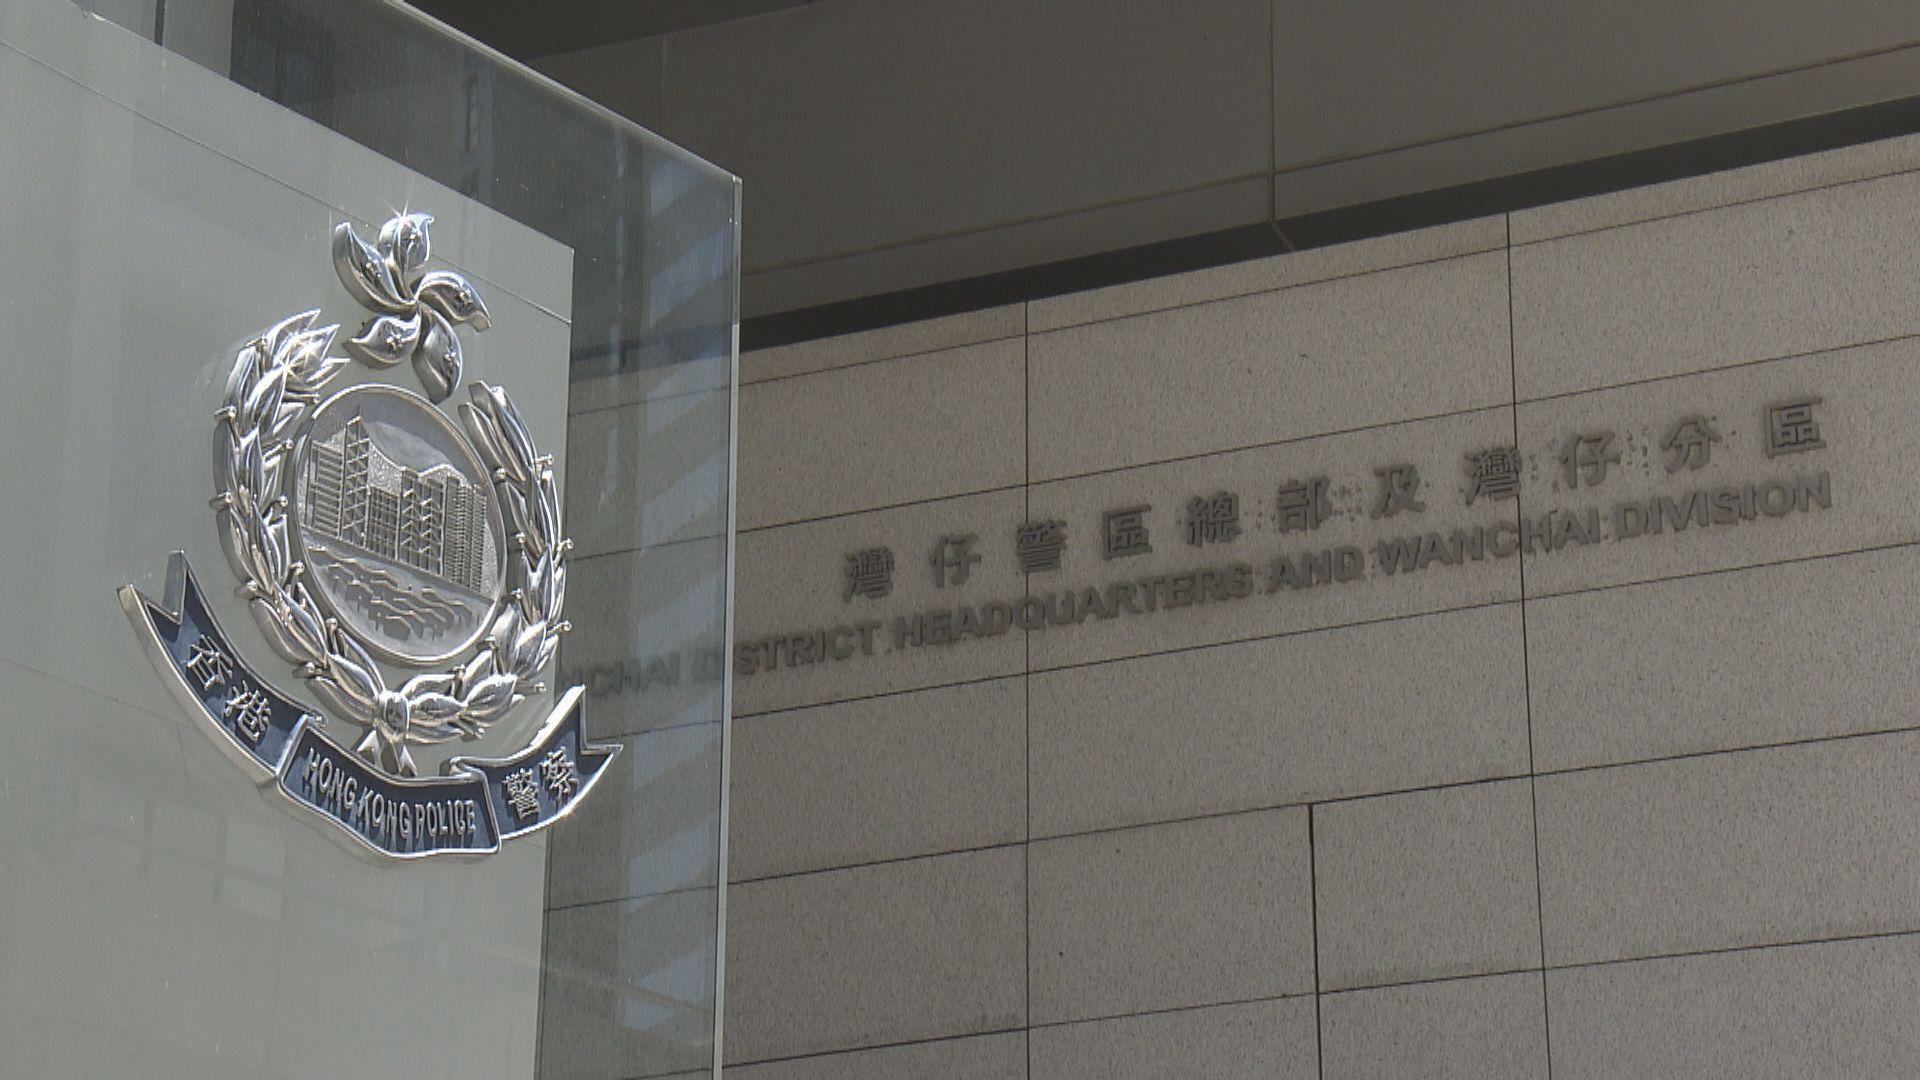 721元朗襲擊一周年 警方籲勿到元朗集結將果斷執法